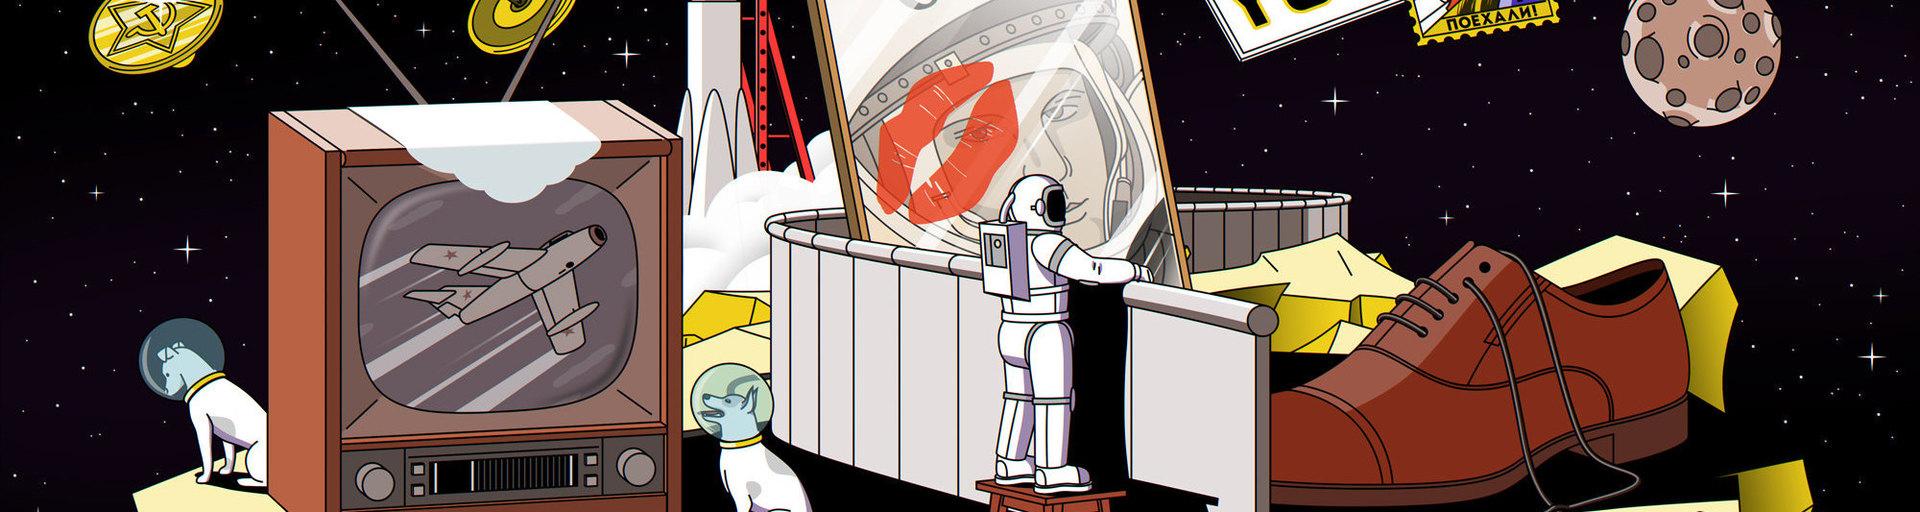 От Циолковского иГагарина косвоению астероидов иАльфа Центавры. Все лучшее иновое прокосмос ичеловека внем